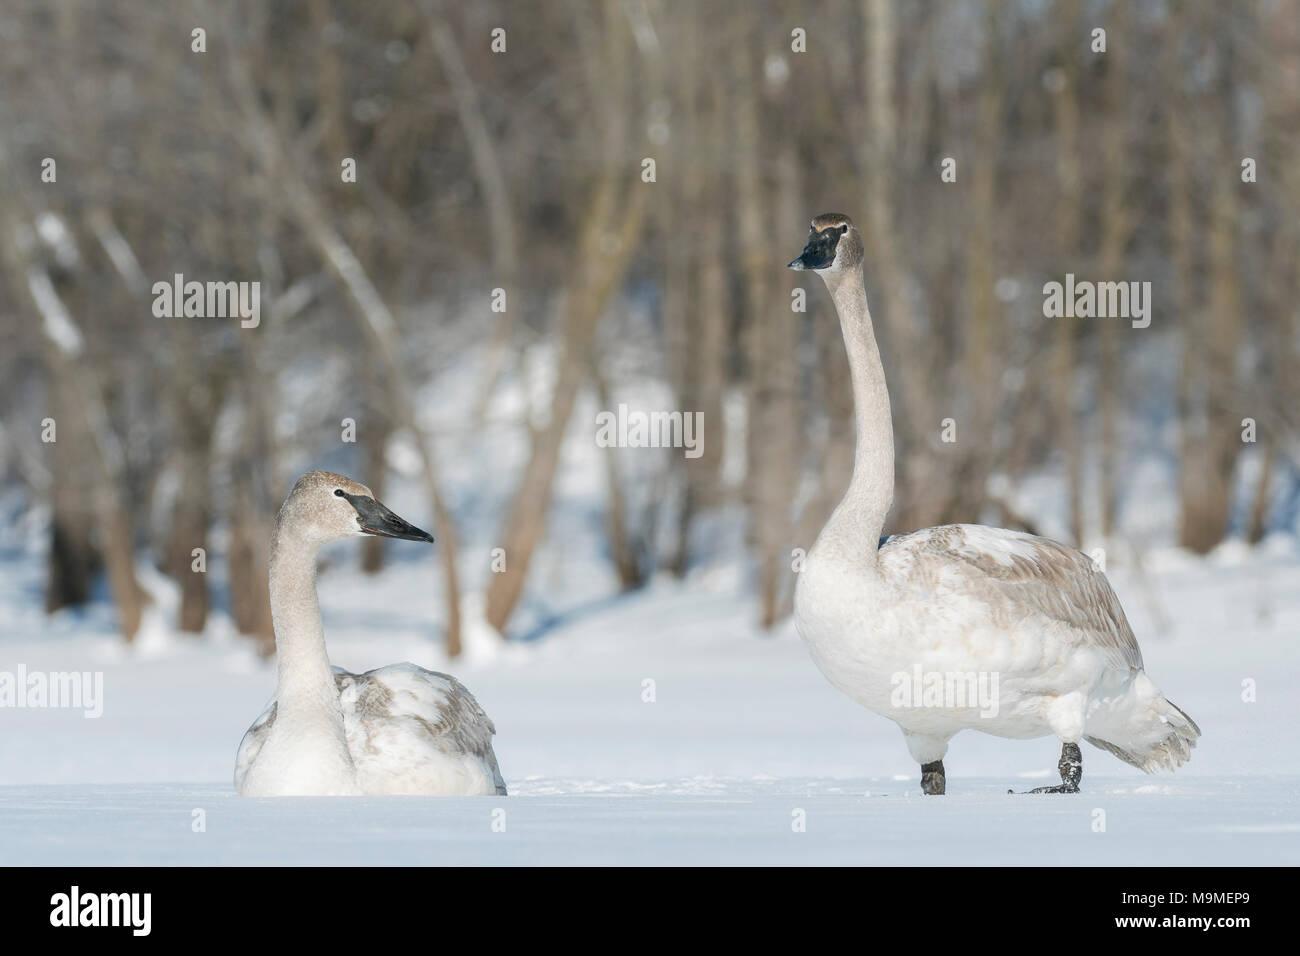 Trompetista inmaduros cisnes (Cygnus buccinator congelado) apoyado sobre el río Santa Cruz, Wisconsin, EE.UU., febrero, por Domninqie Braud/Dembinsky Foto Assoc Imagen De Stock